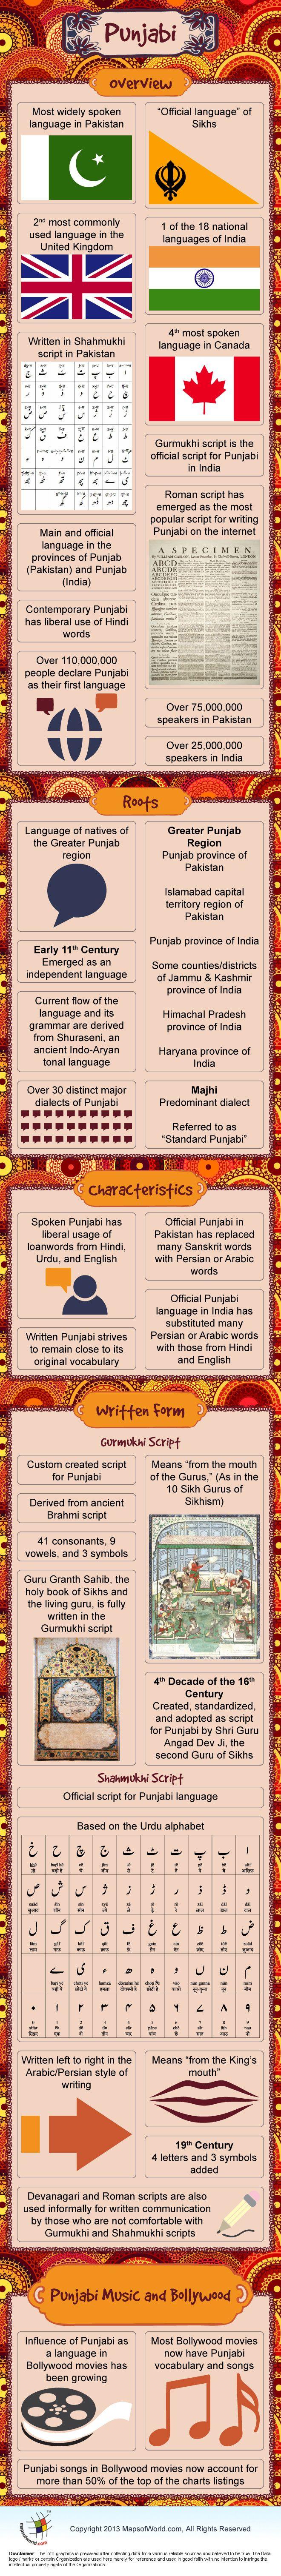 Infographic of Punjabi Language.